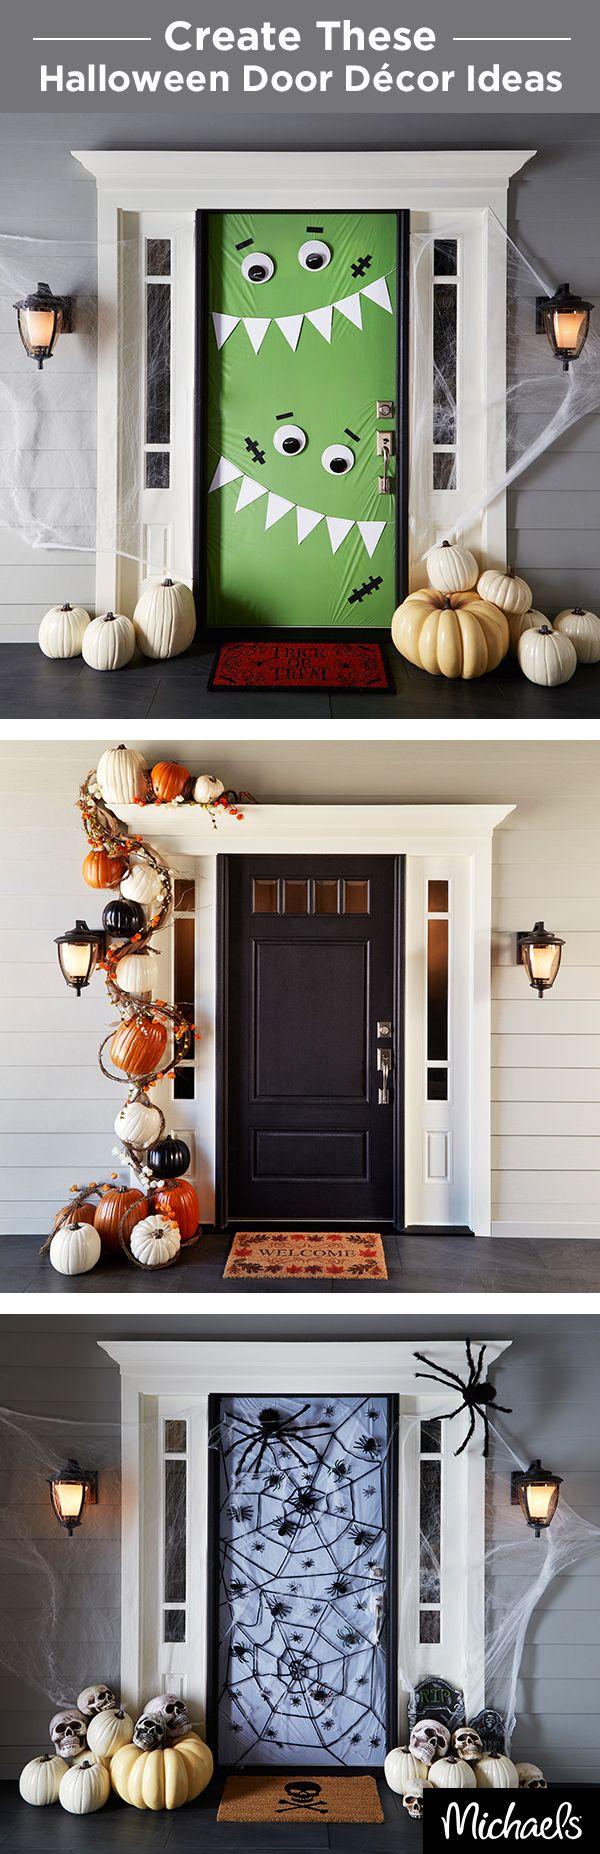 1000+ Halloween Decorating Ideas on Pinterest